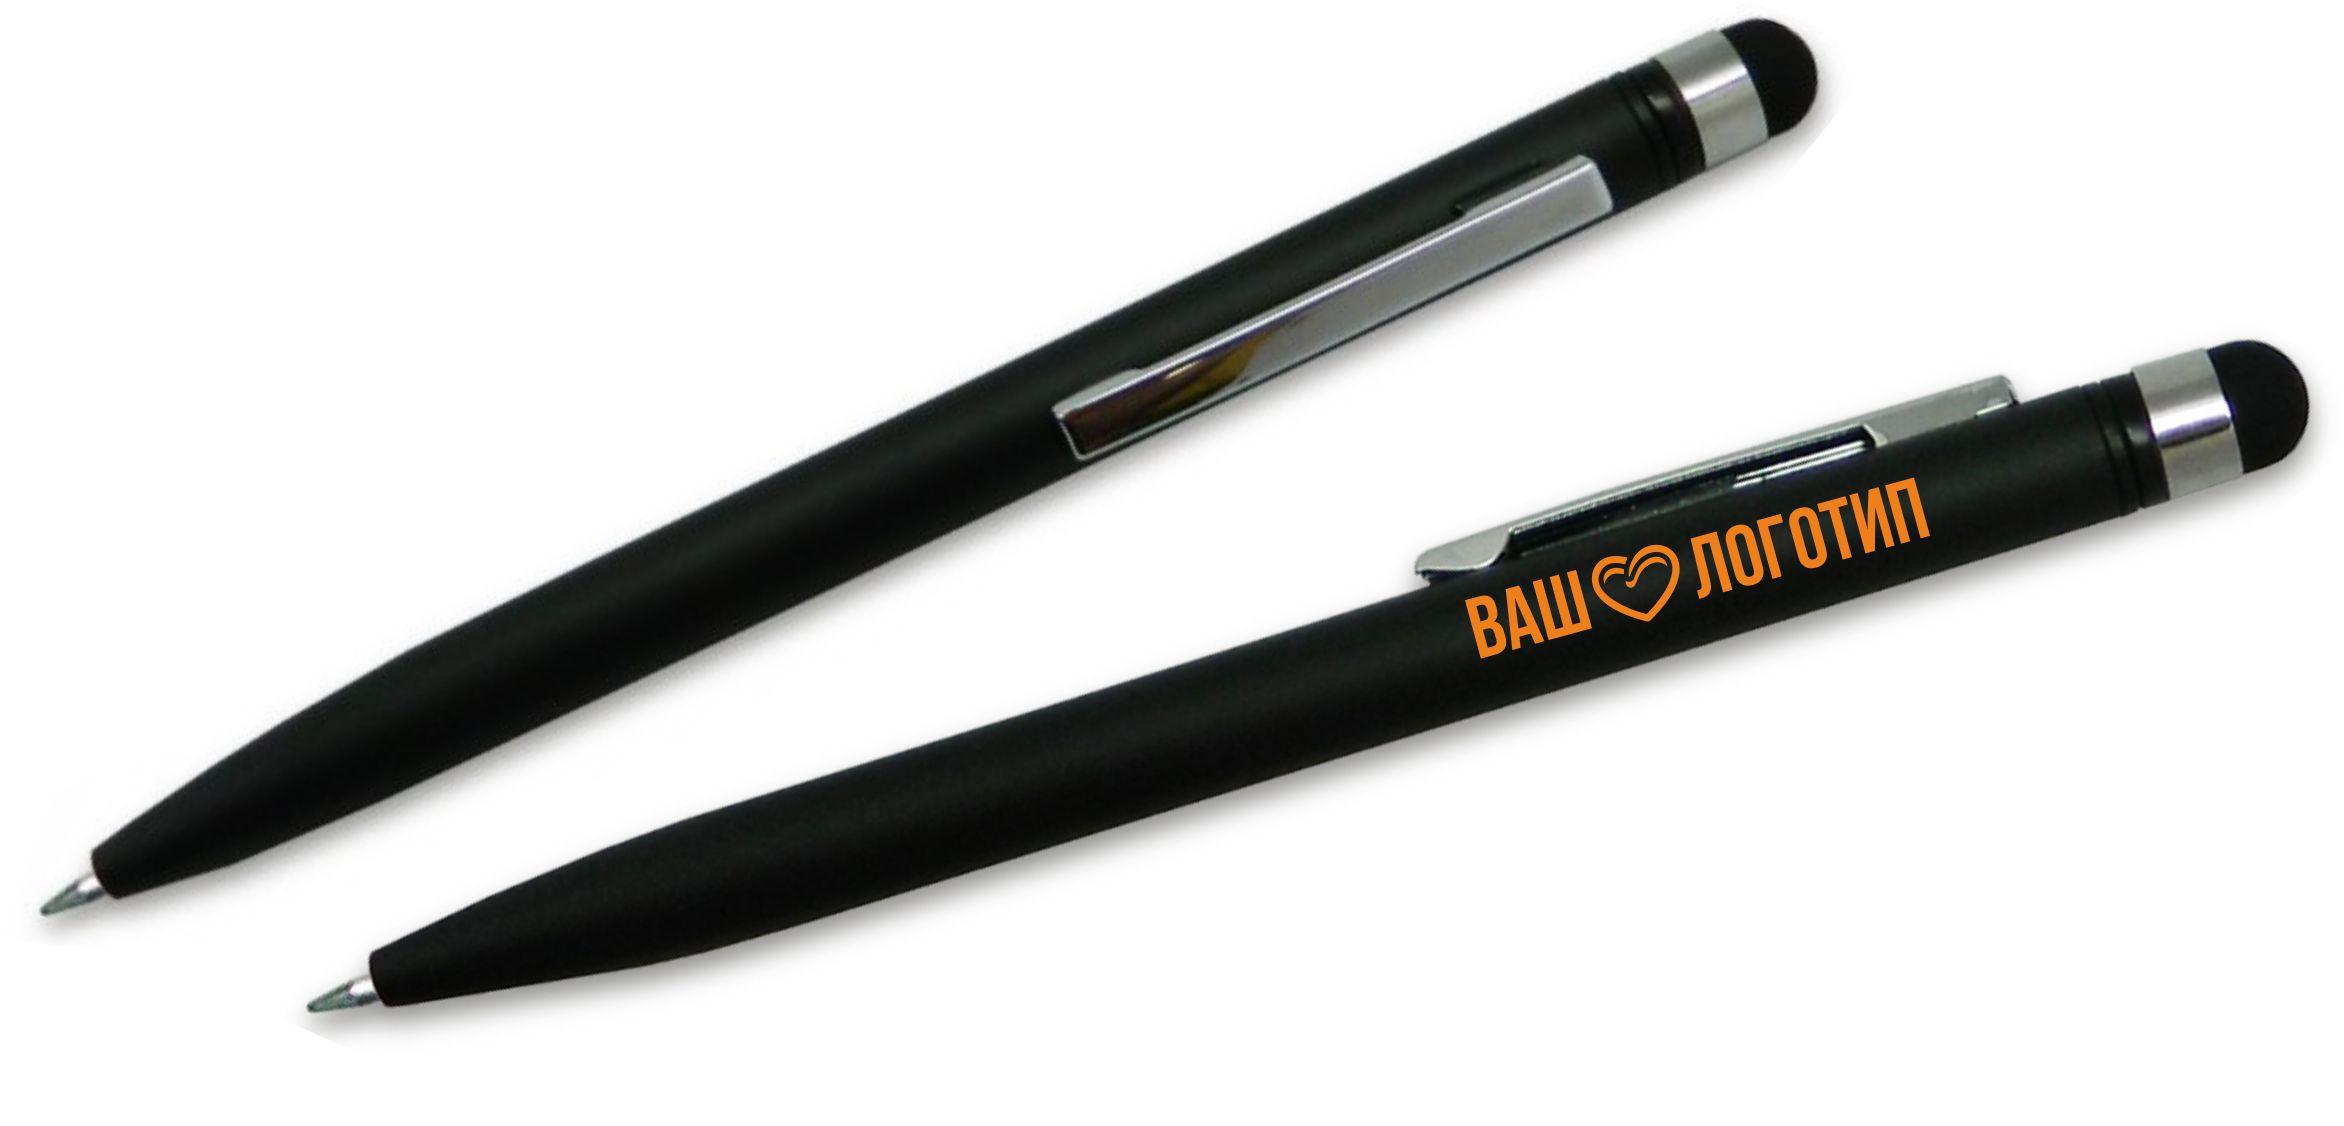 ручки со стилусом с логотипом в москве